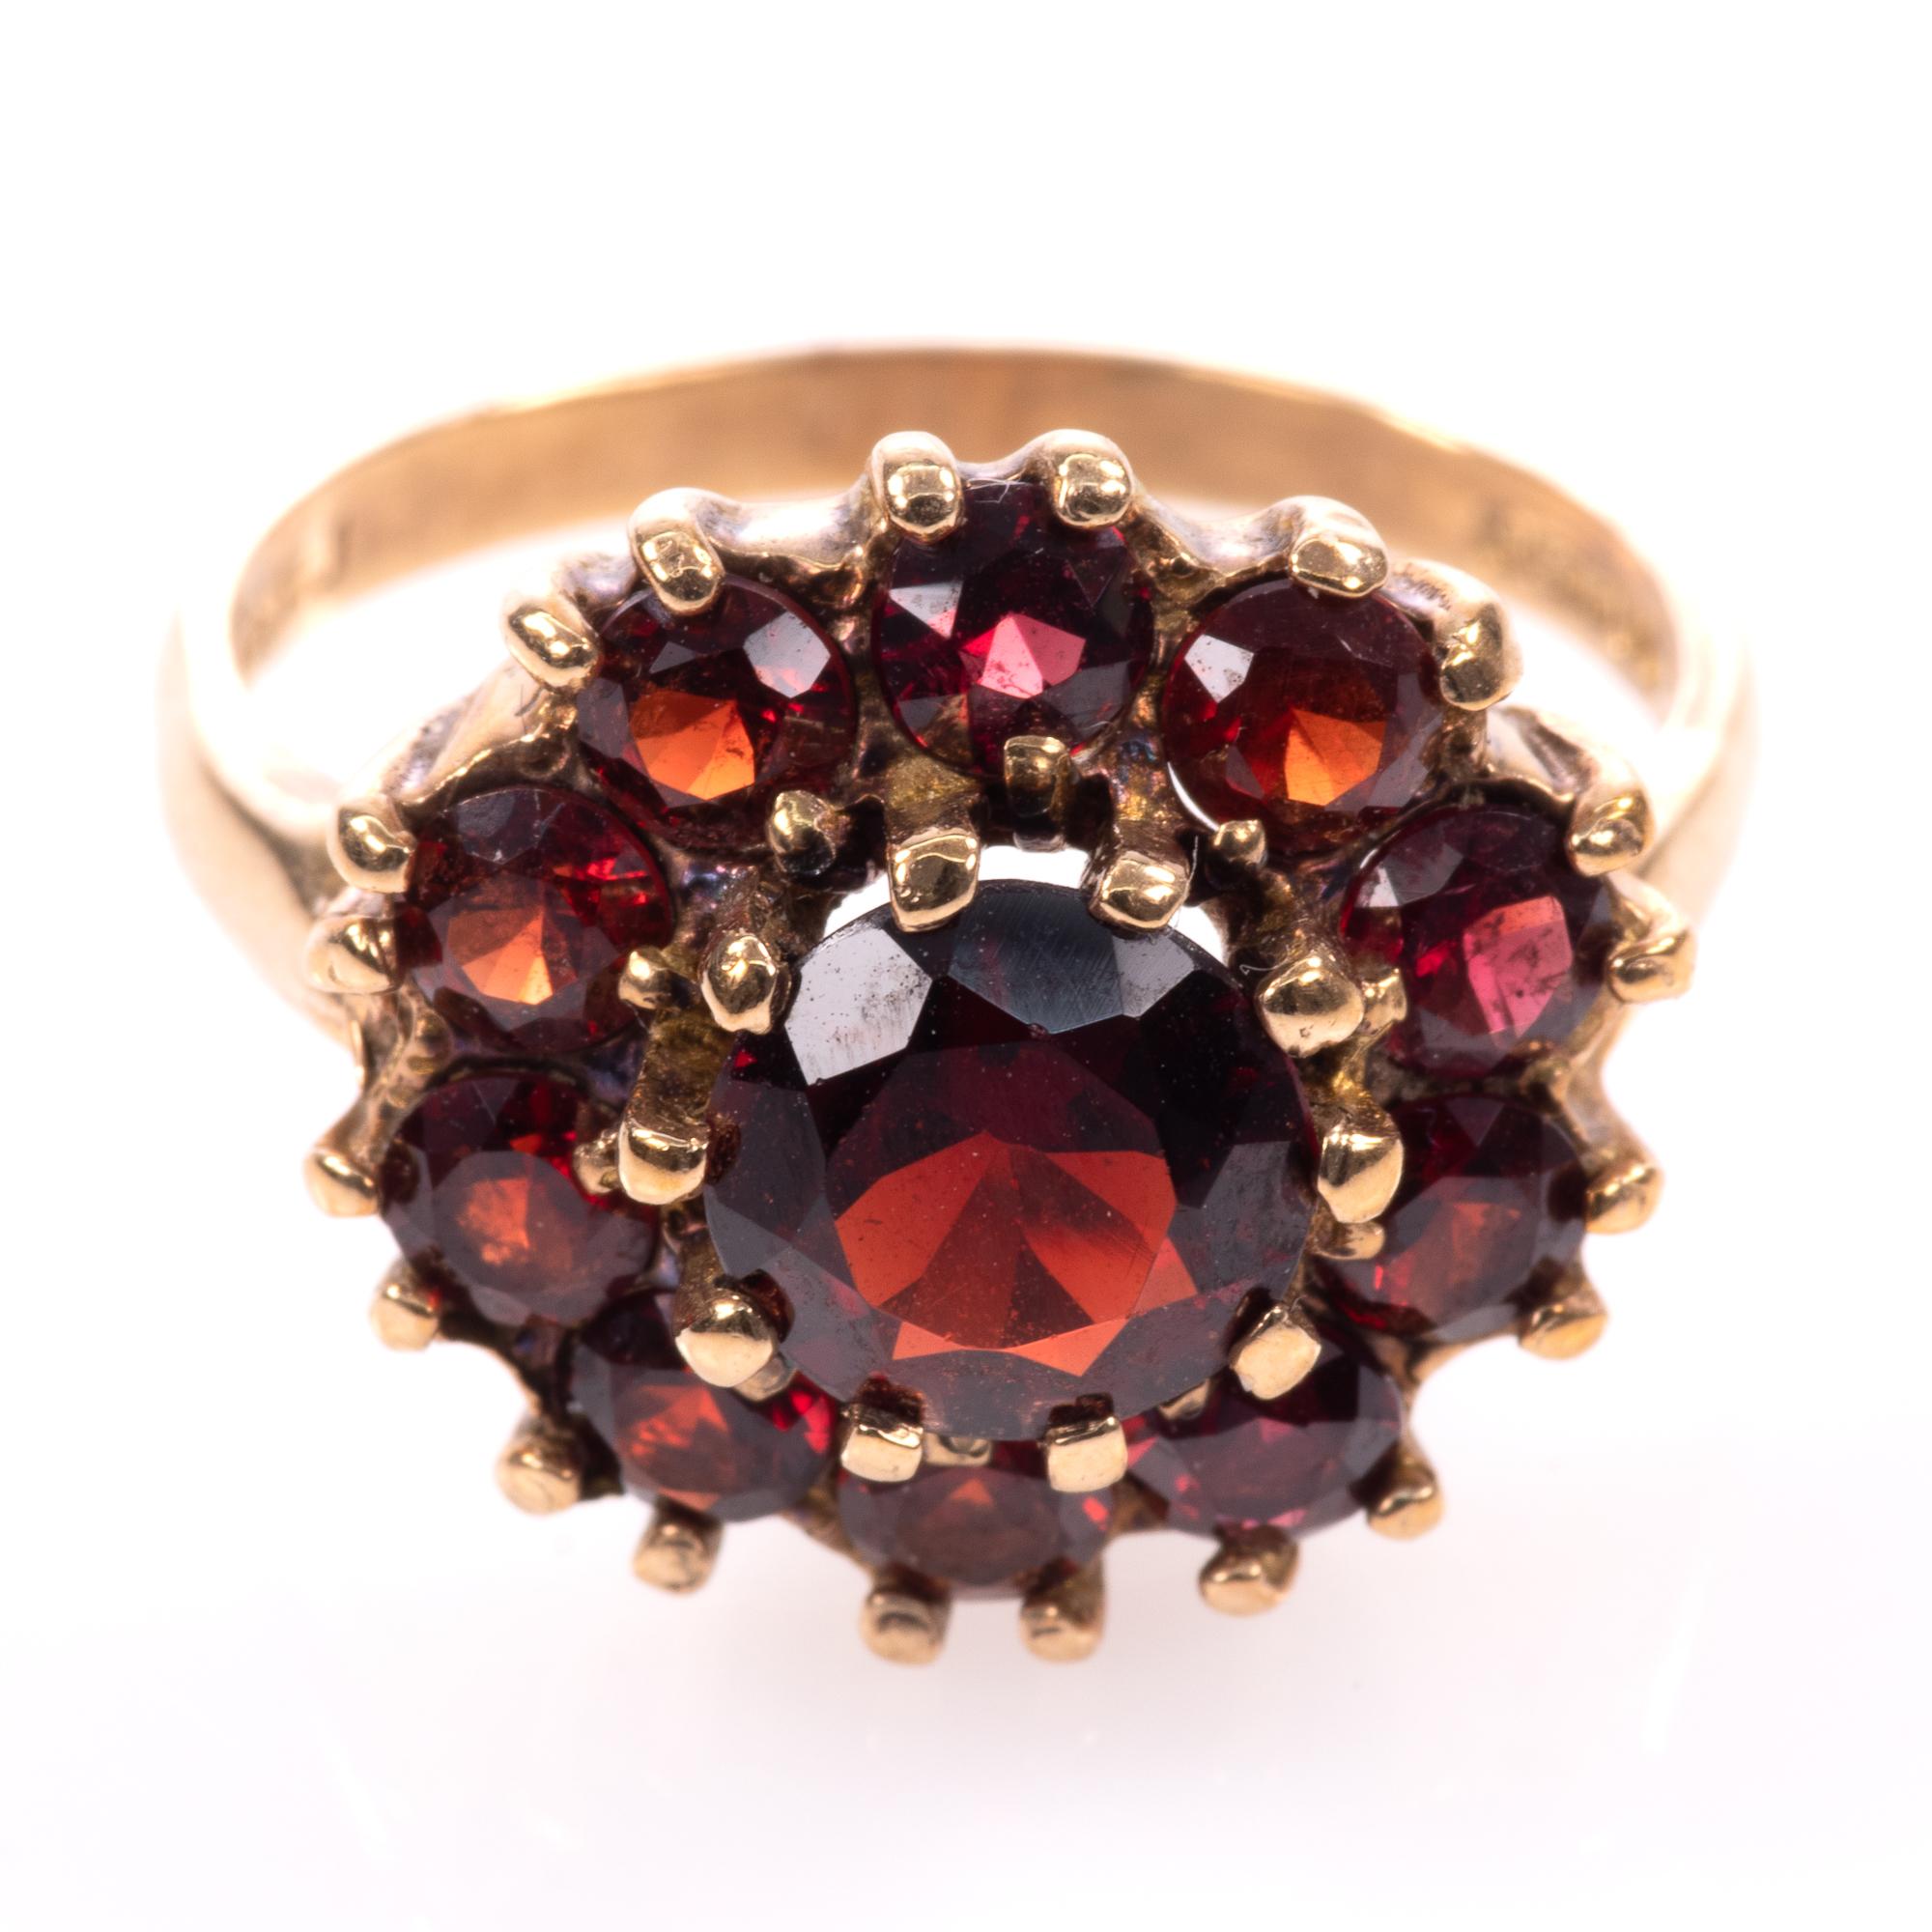 9ct Gold Garnet Ring London 1963 - Image 3 of 8